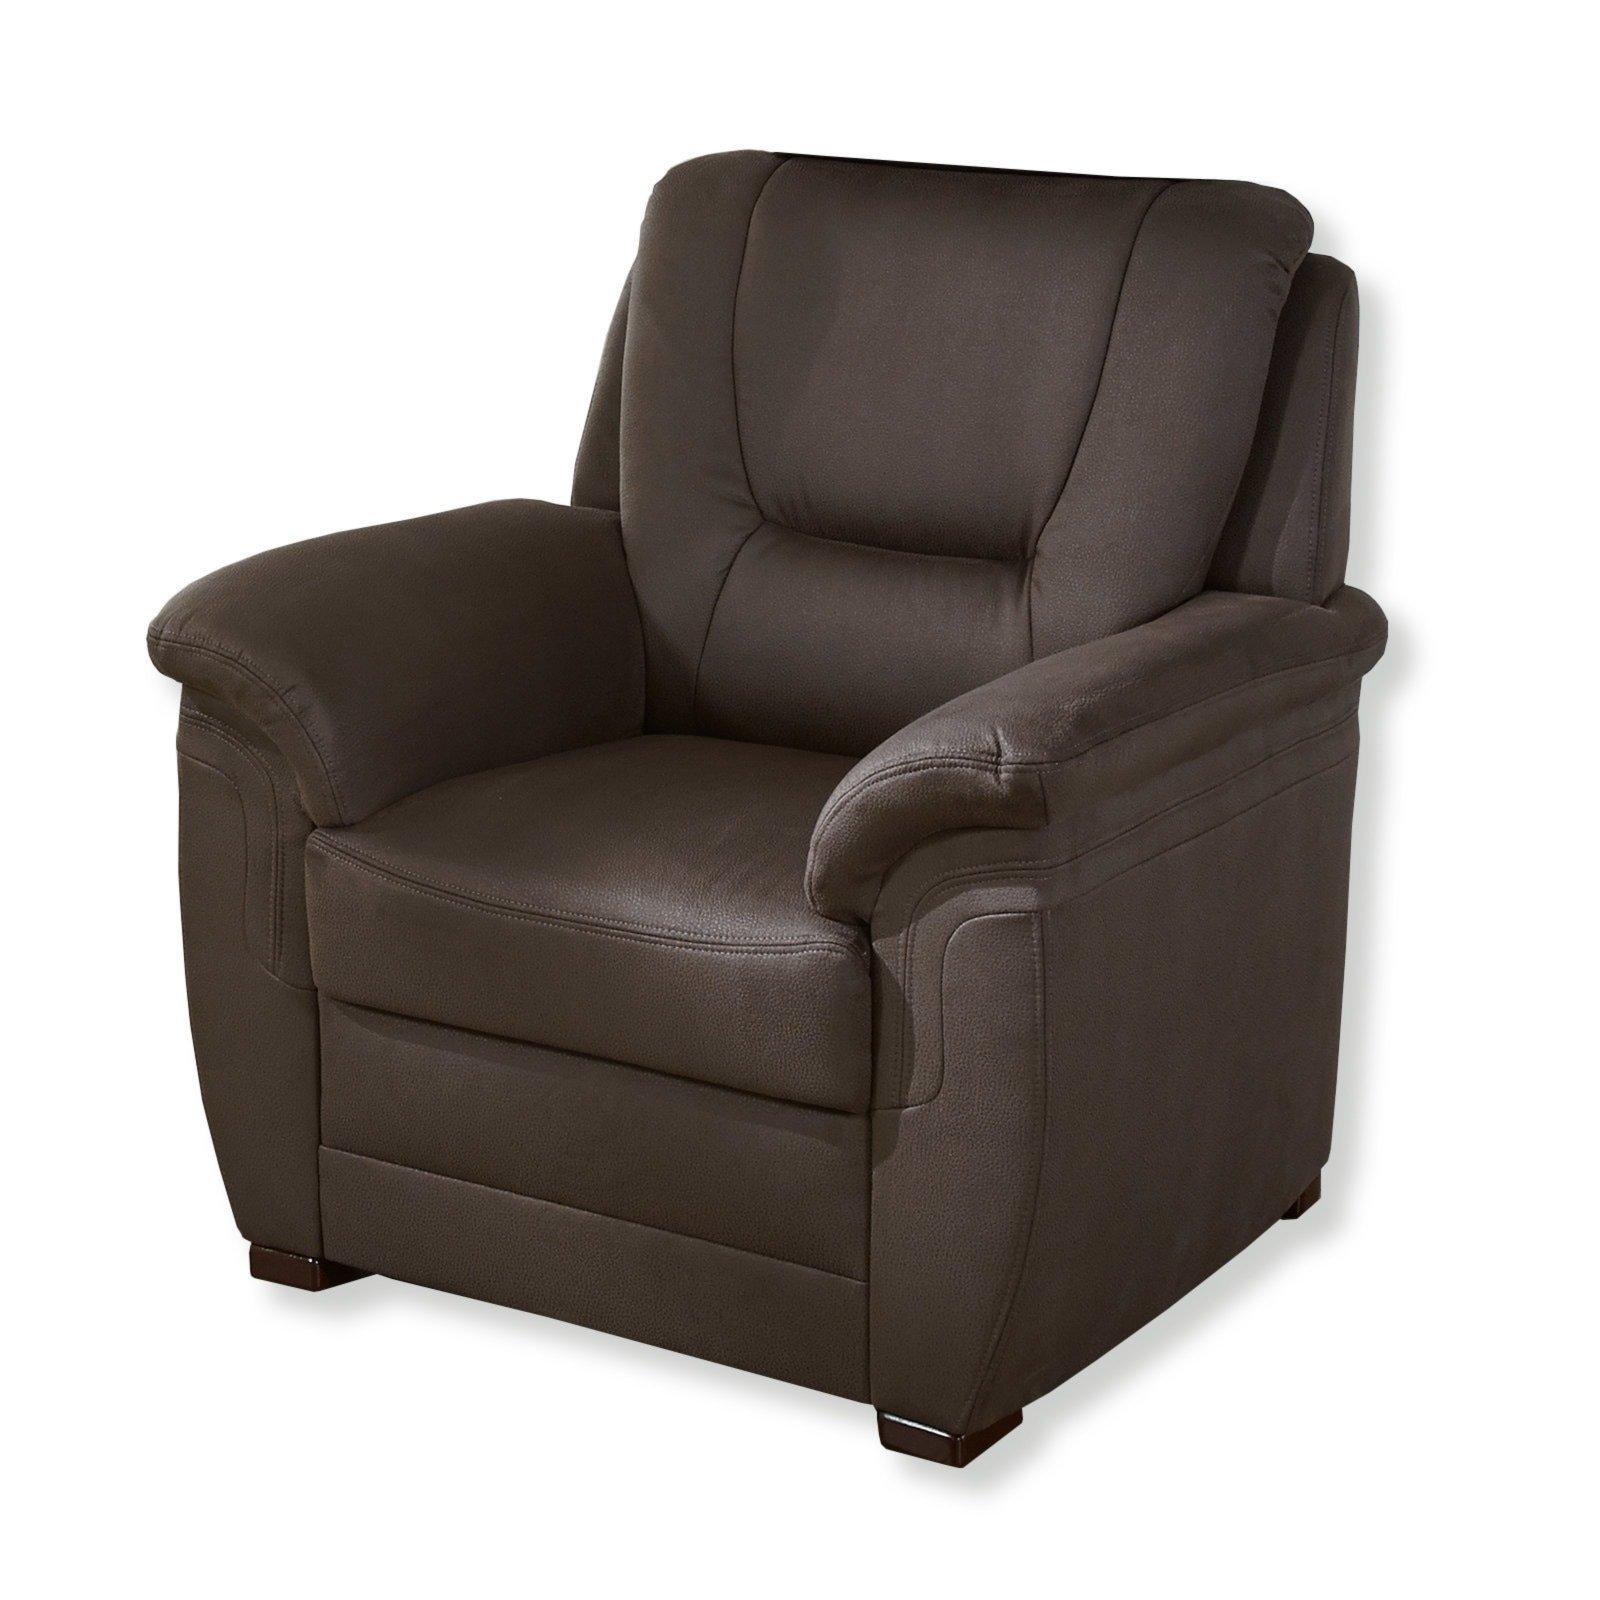 sessel braun bonellfederkern polstergarnitur braun bonellfederkern sofagarnituren. Black Bedroom Furniture Sets. Home Design Ideas